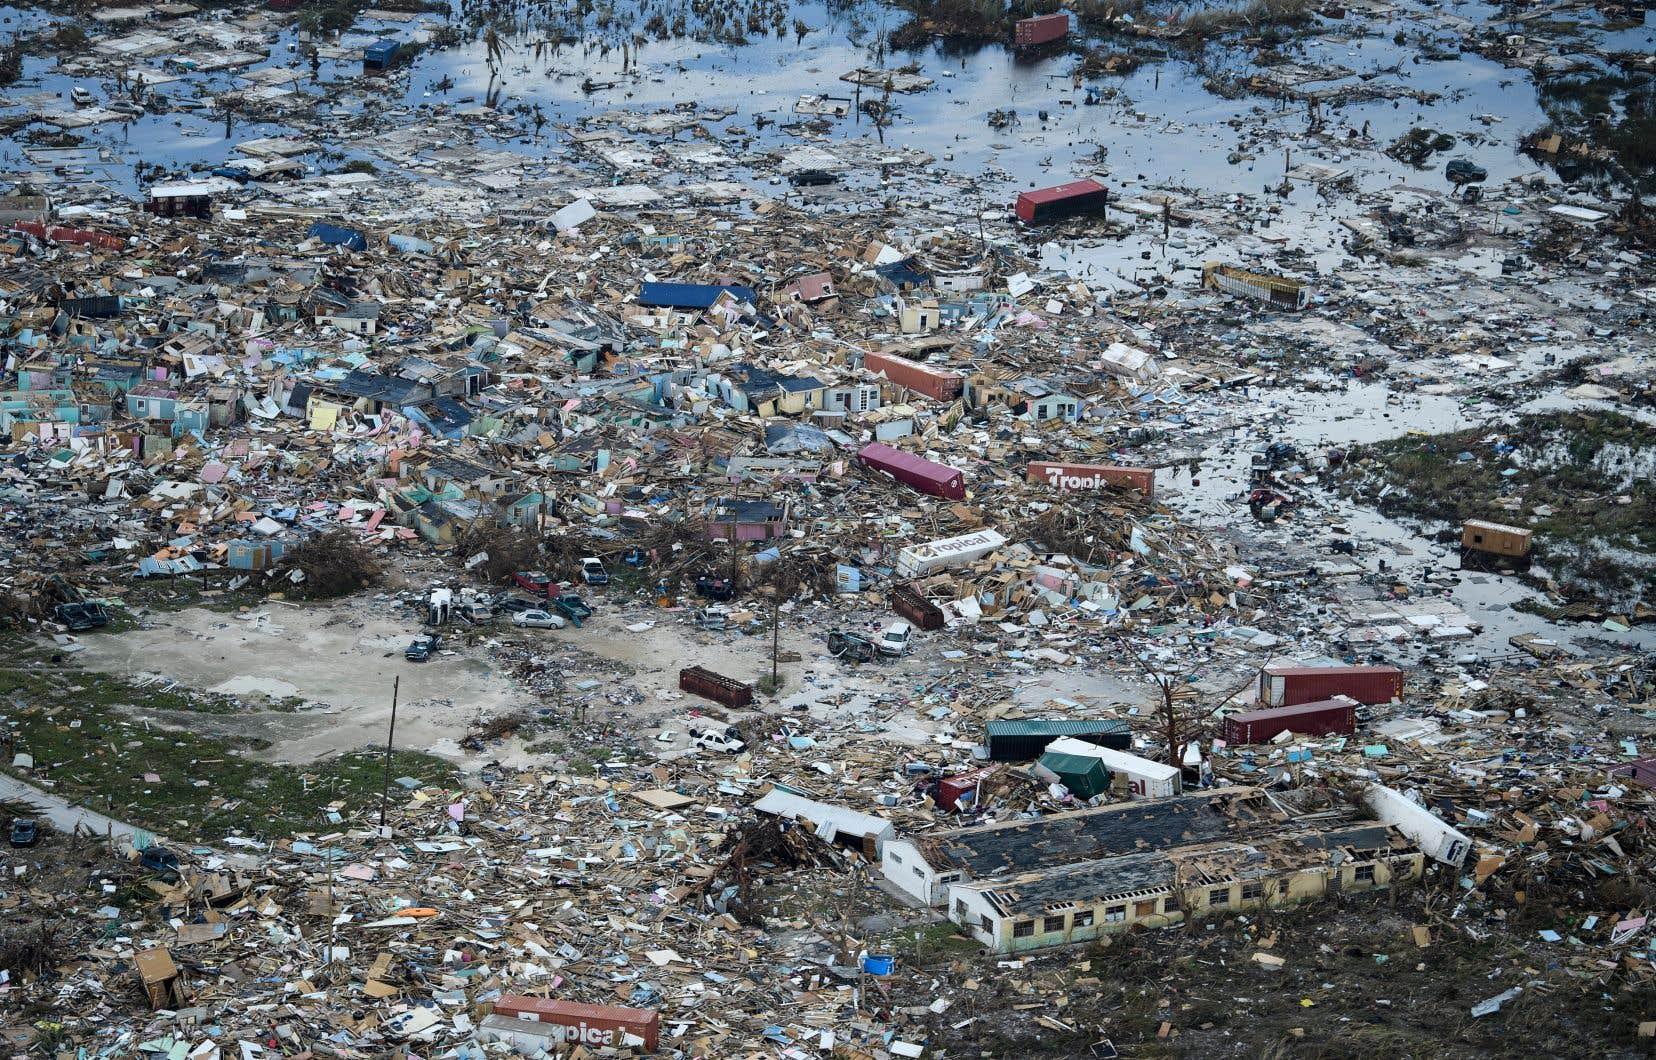 Une vue aérienne montre l'ampleur des dégâts causés par Dorian à Marsh Harbour, sur l'île de Great Abaco aux Bahamas.